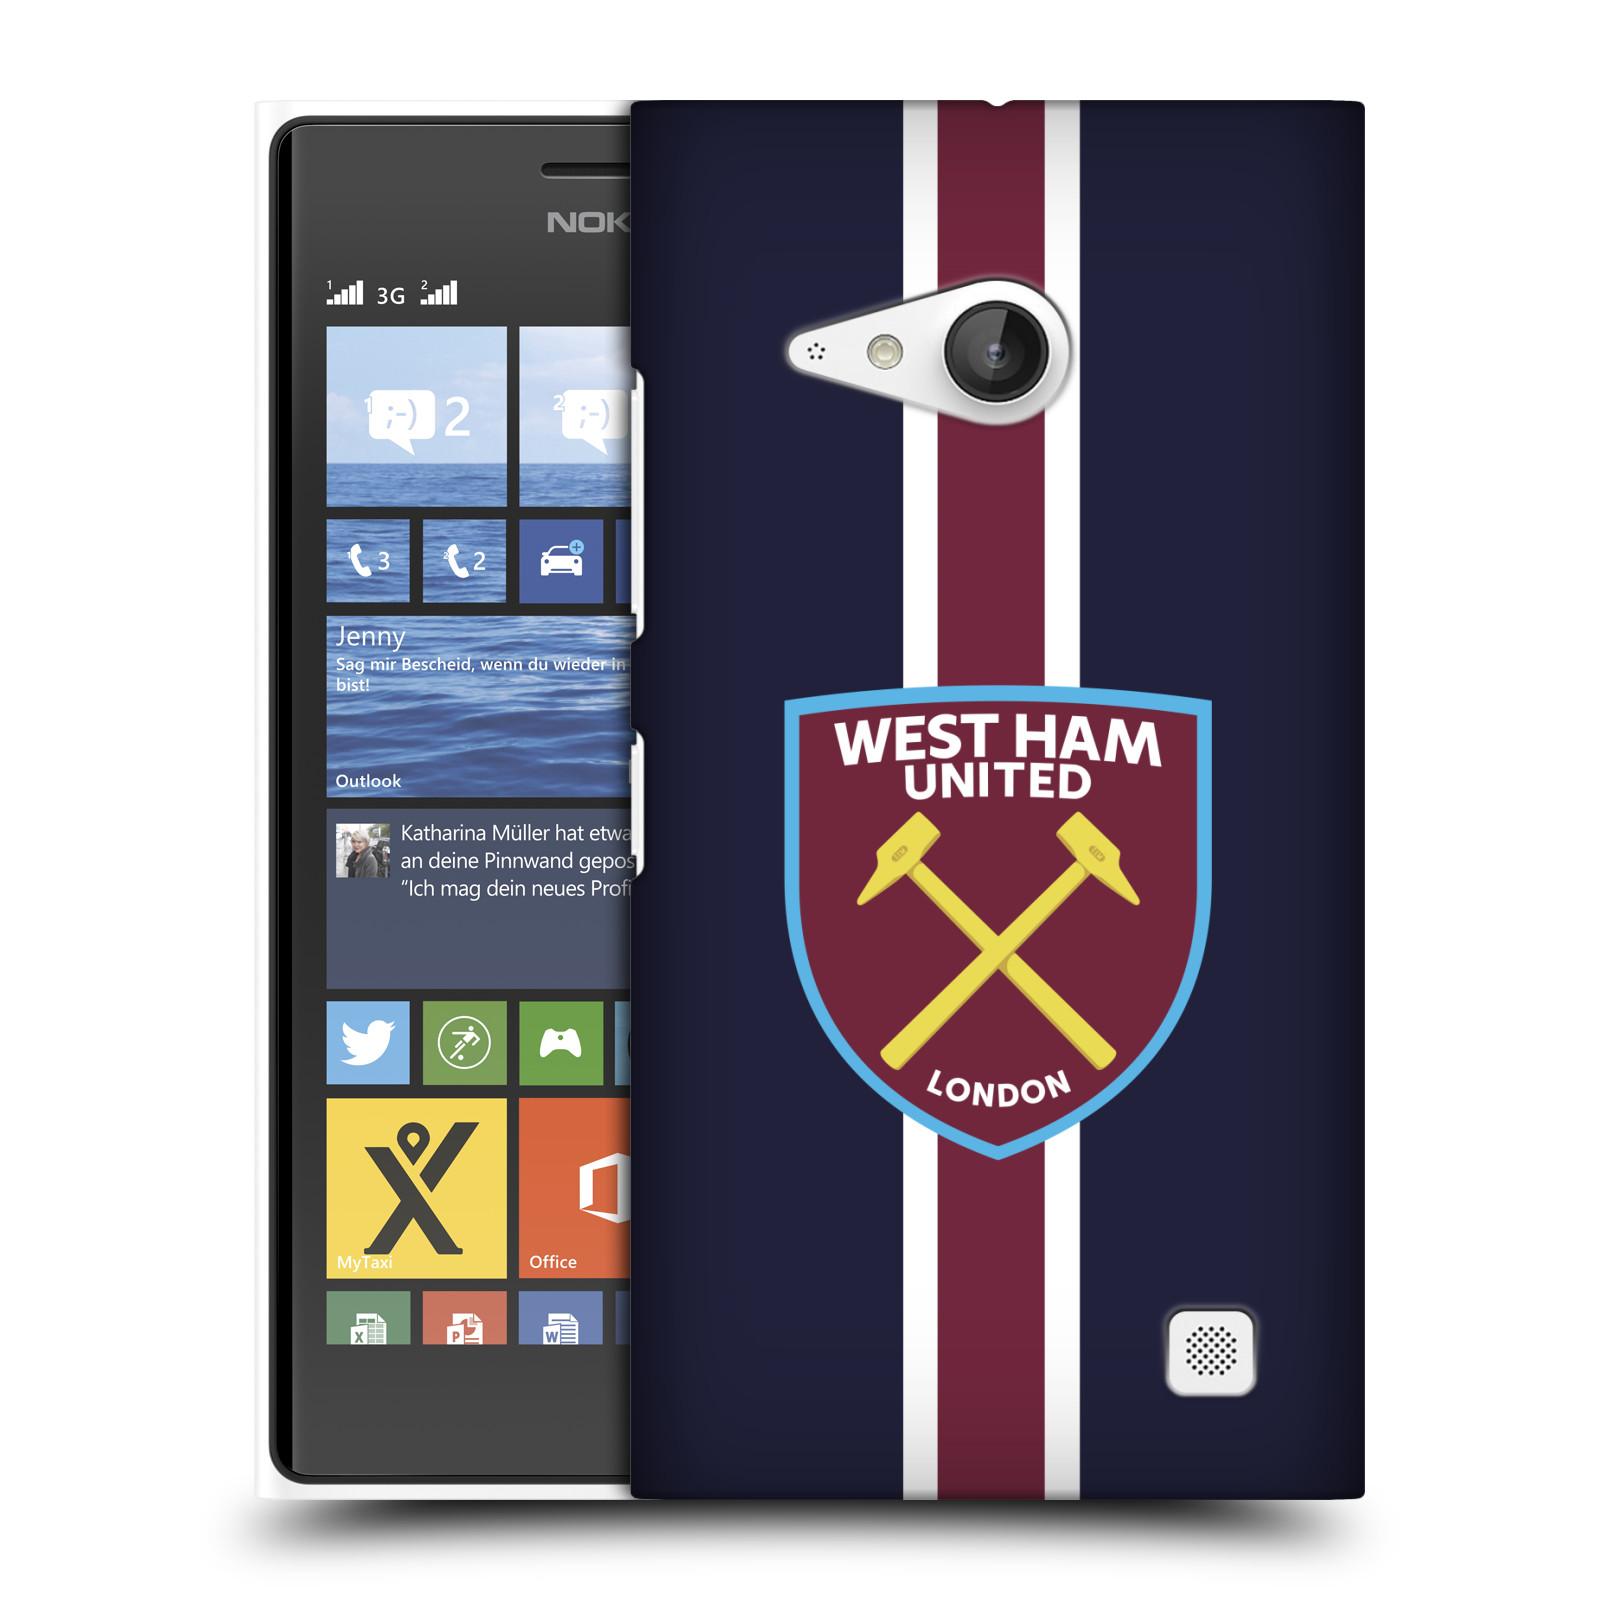 Plastové pouzdro na mobil Nokia Lumia 730 Dual SIM - Head Case - West Ham United - Pruhy (Plastový kryt či obal na mobilní telefon s motivem West Ham United - Kladiváři - Pruhy pro Nokia Lumia 730 Dual SIM)